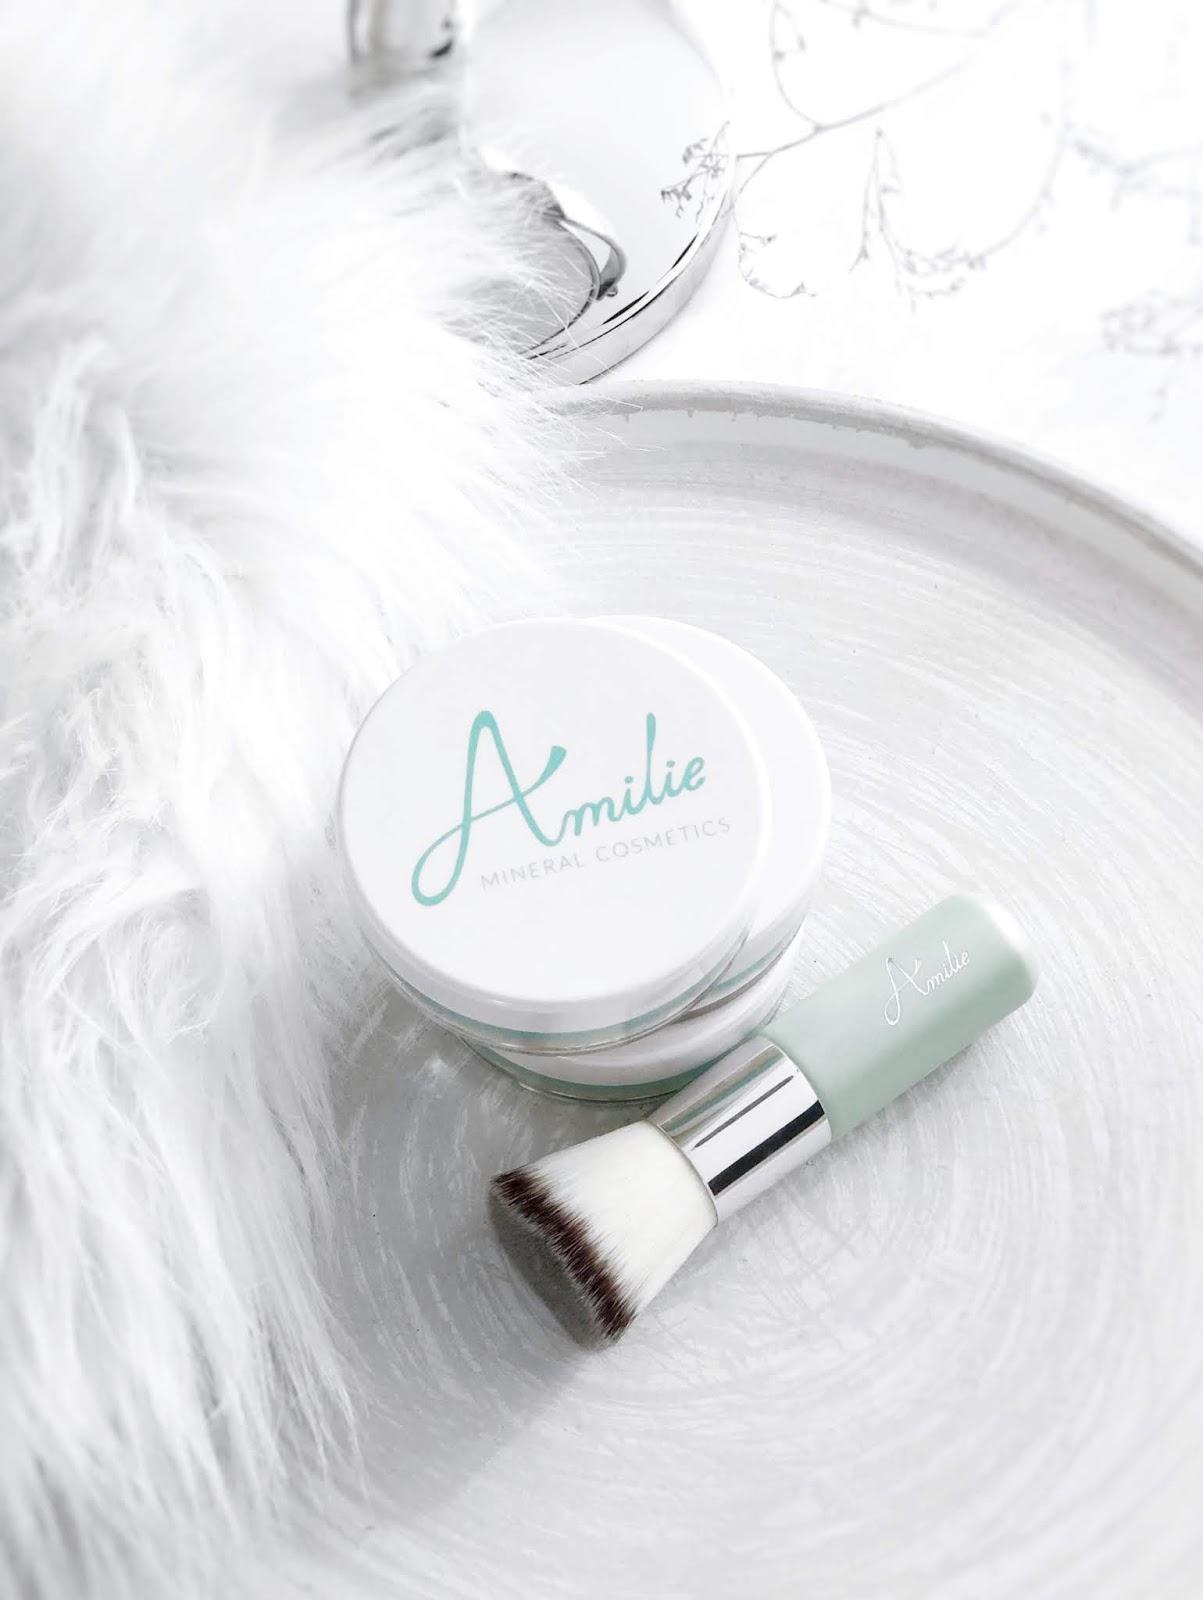 podklad-mineralny-amilie